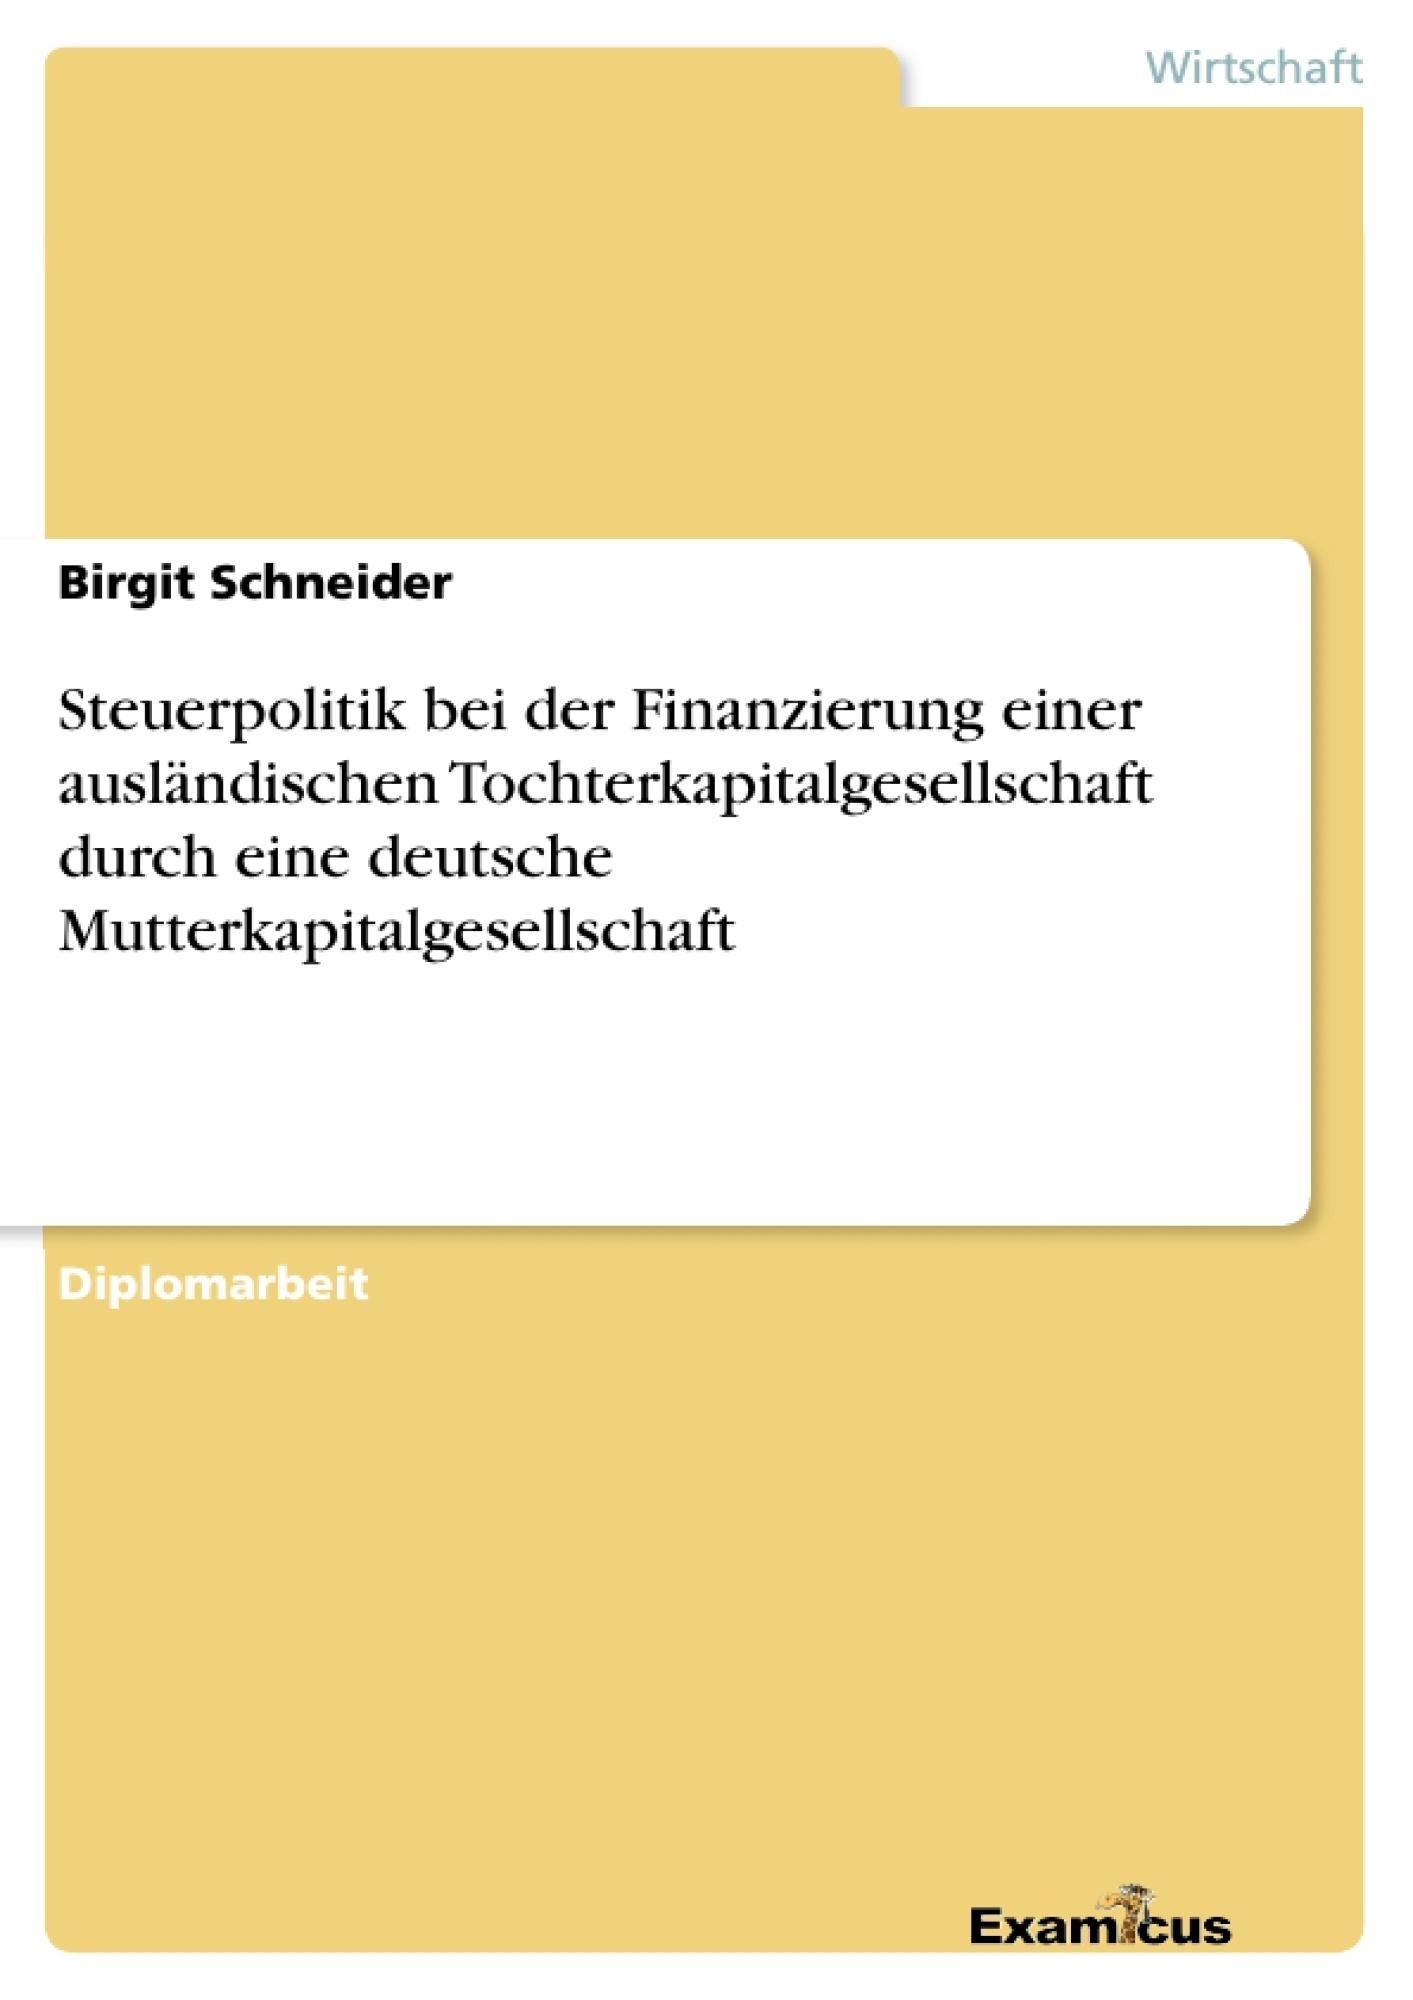 Titel: Steuerpolitik bei der Finanzierung einer ausländischen Tochterkapitalgesellschaft durch eine deutsche Mutterkapitalgesellschaft